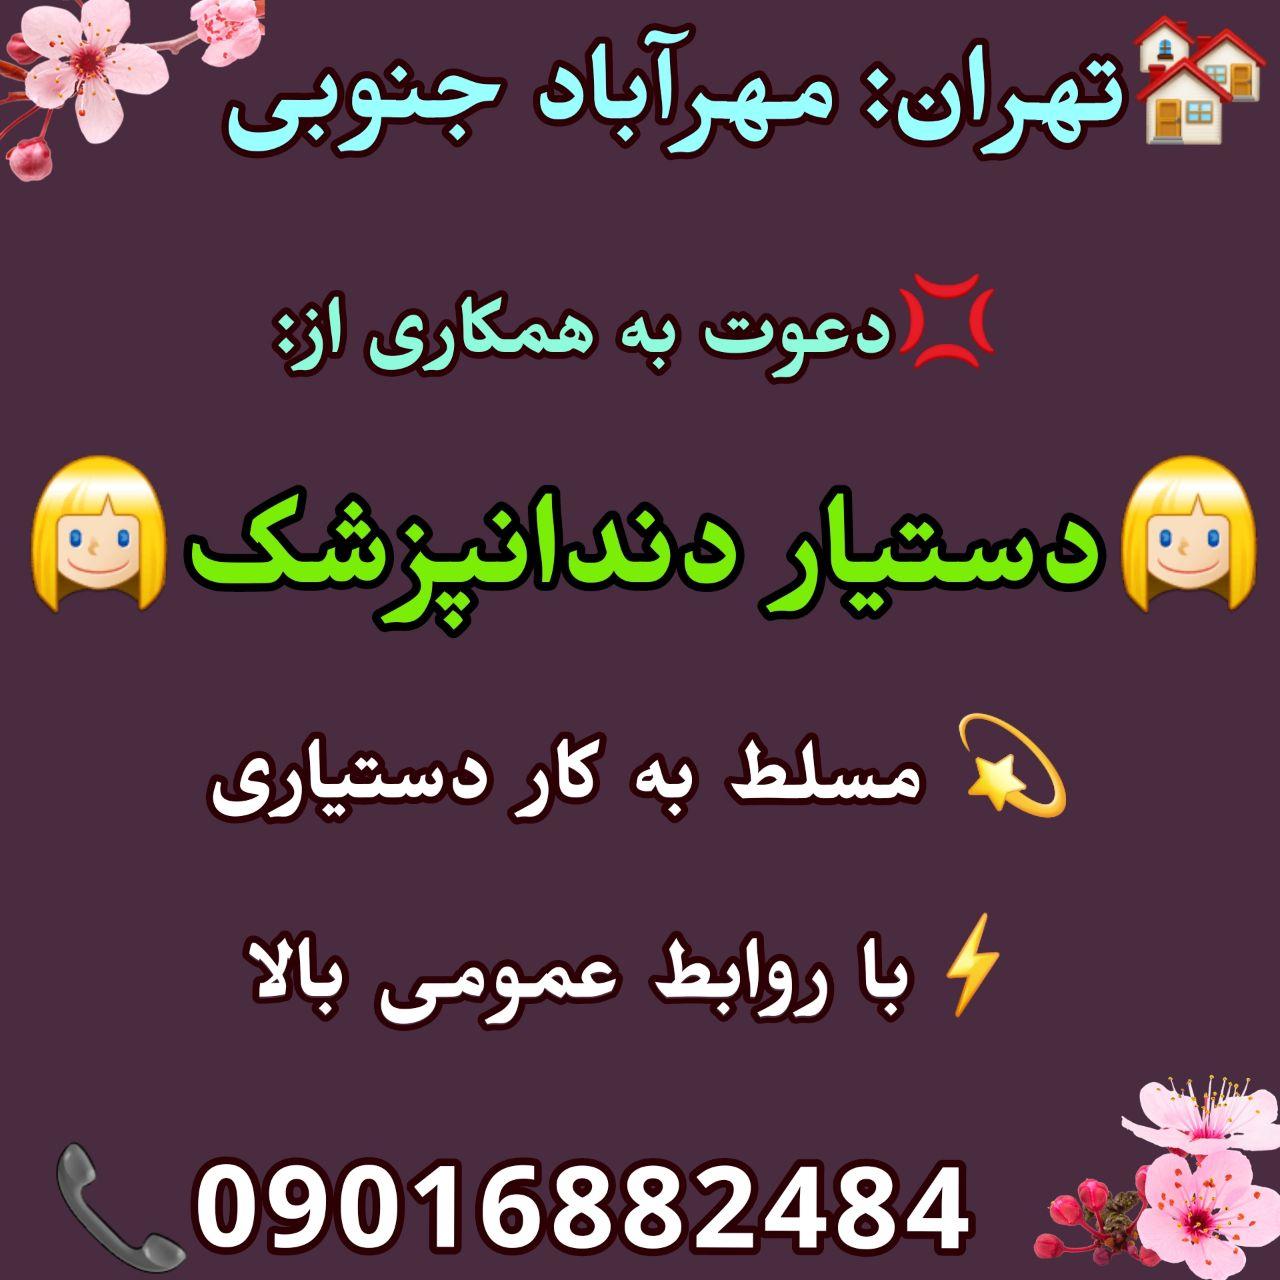 تهران: مهرآباد جنوبی